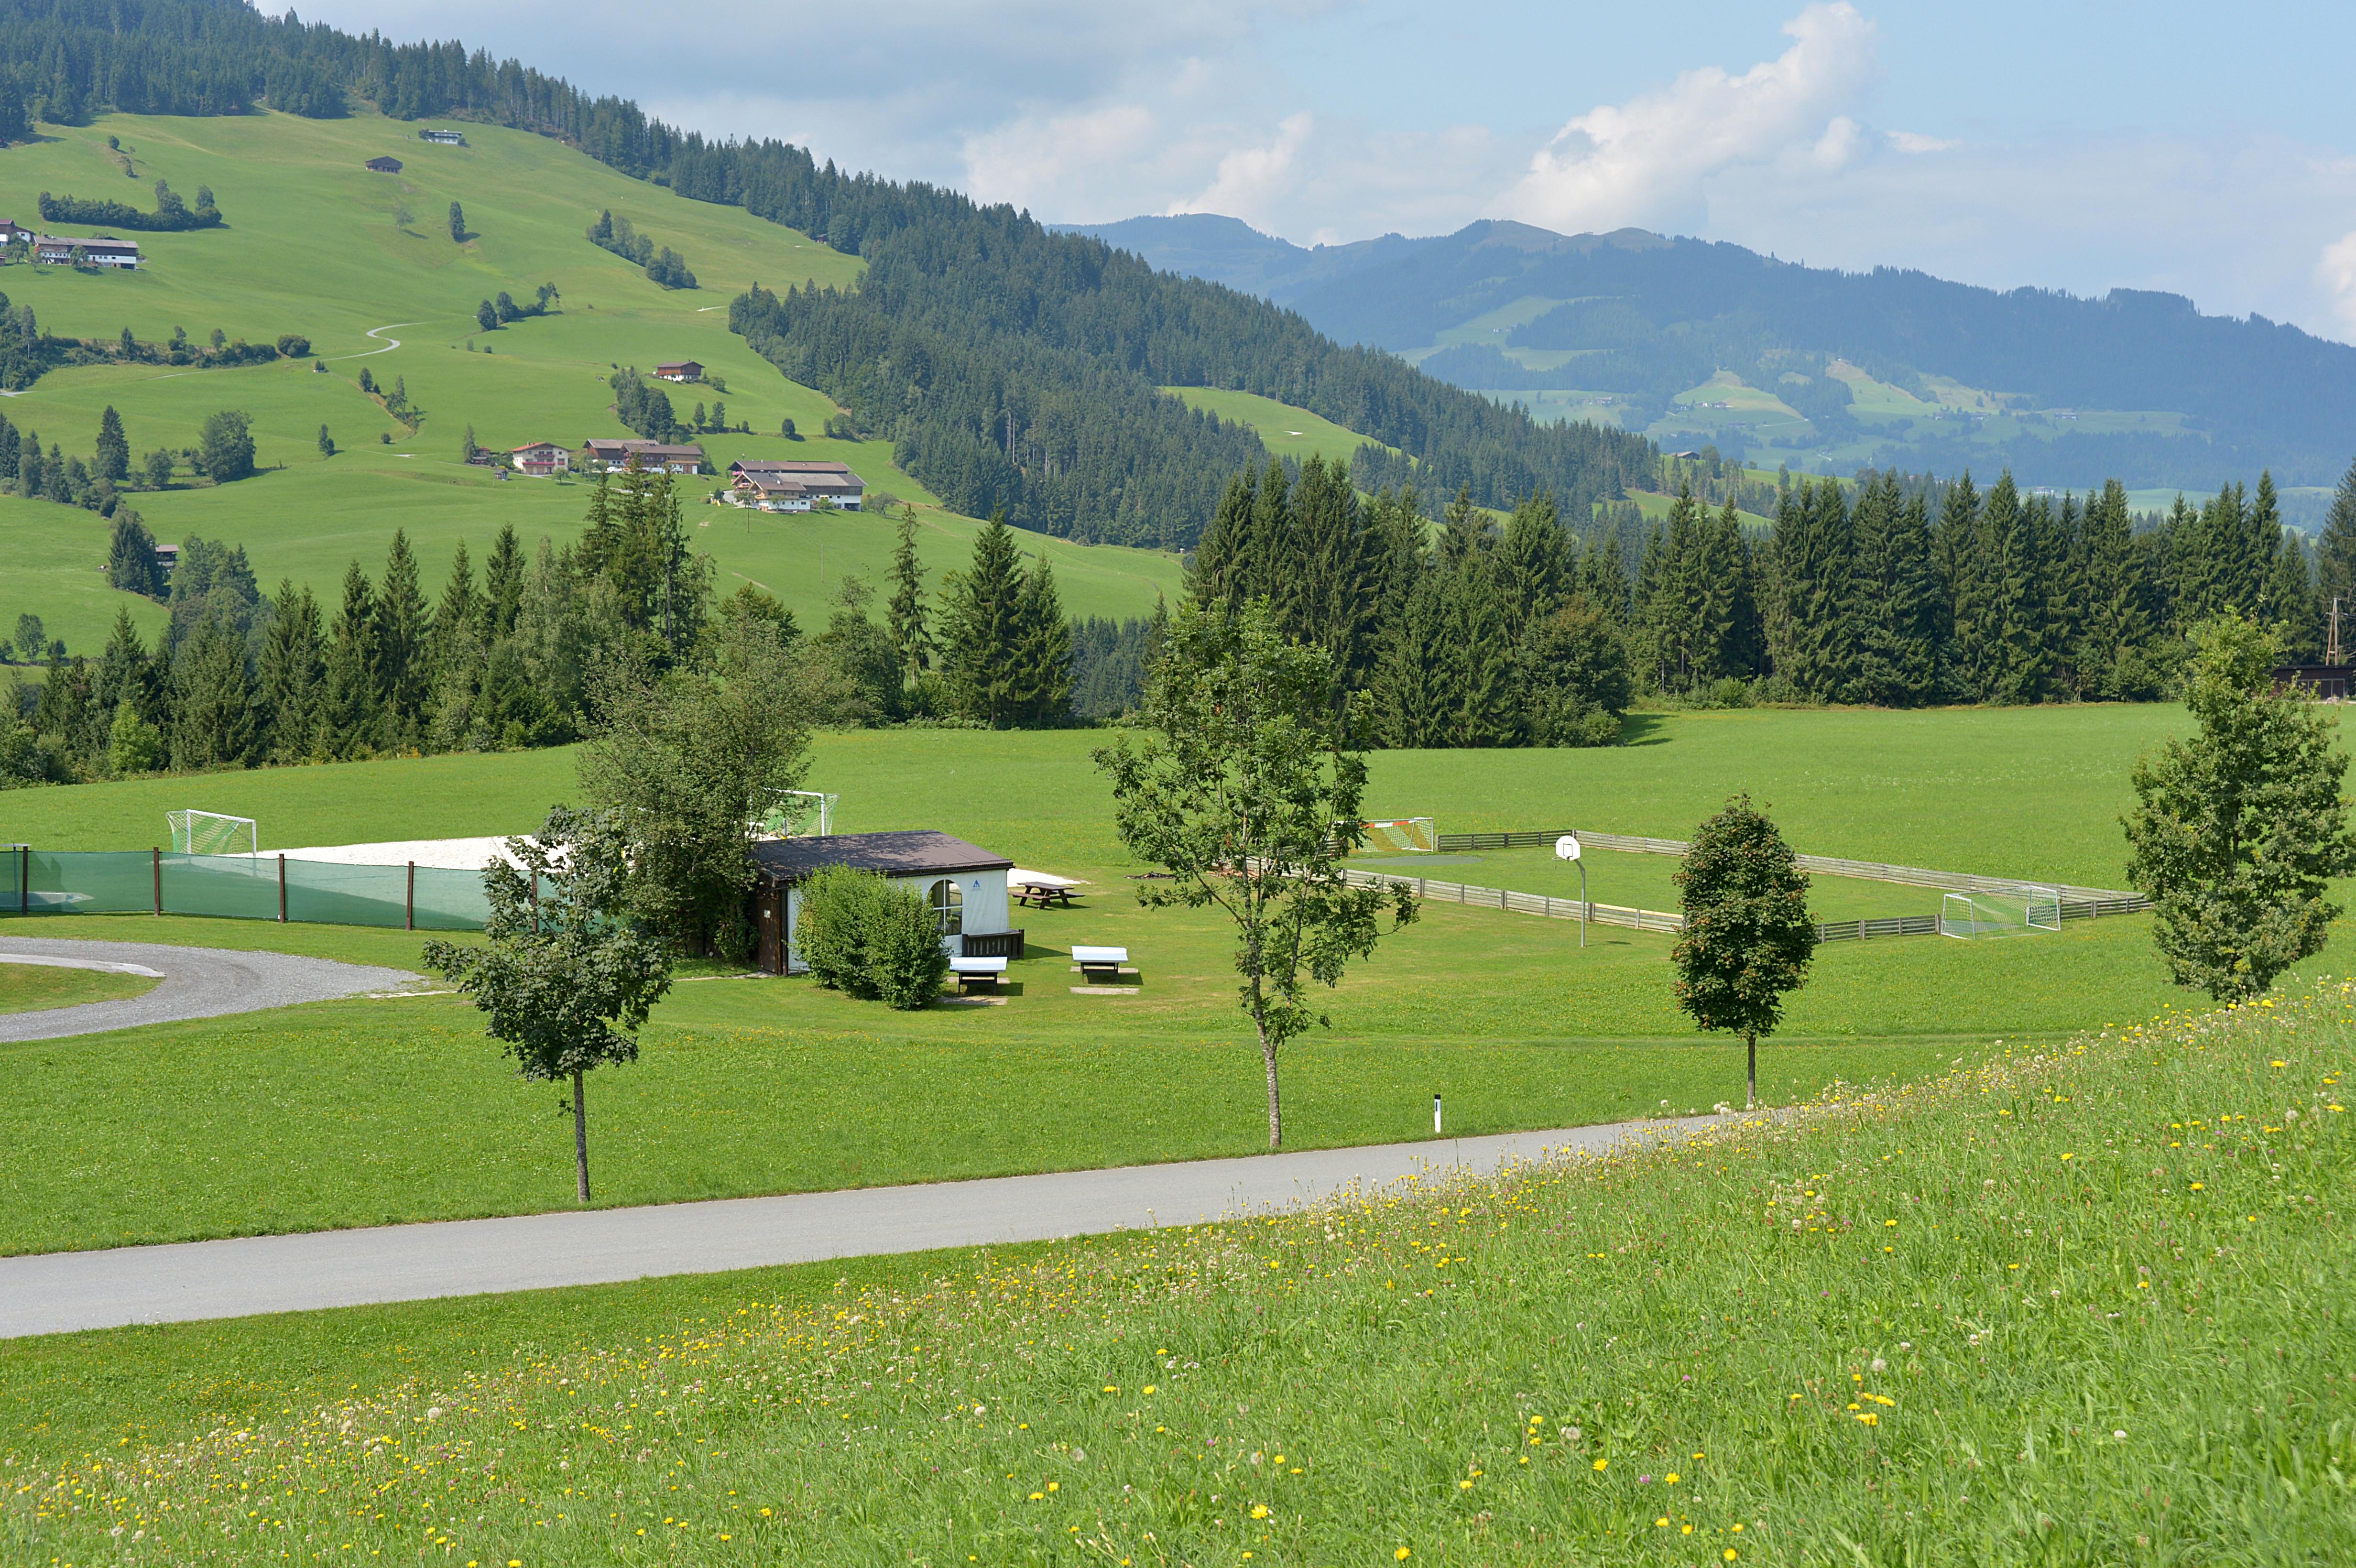 Funpark-Westendorf-Burgweghof-Schipflinger-Rupert-Vorderwindau-20-Westendorf-Haus-Sommer-Gelaende1